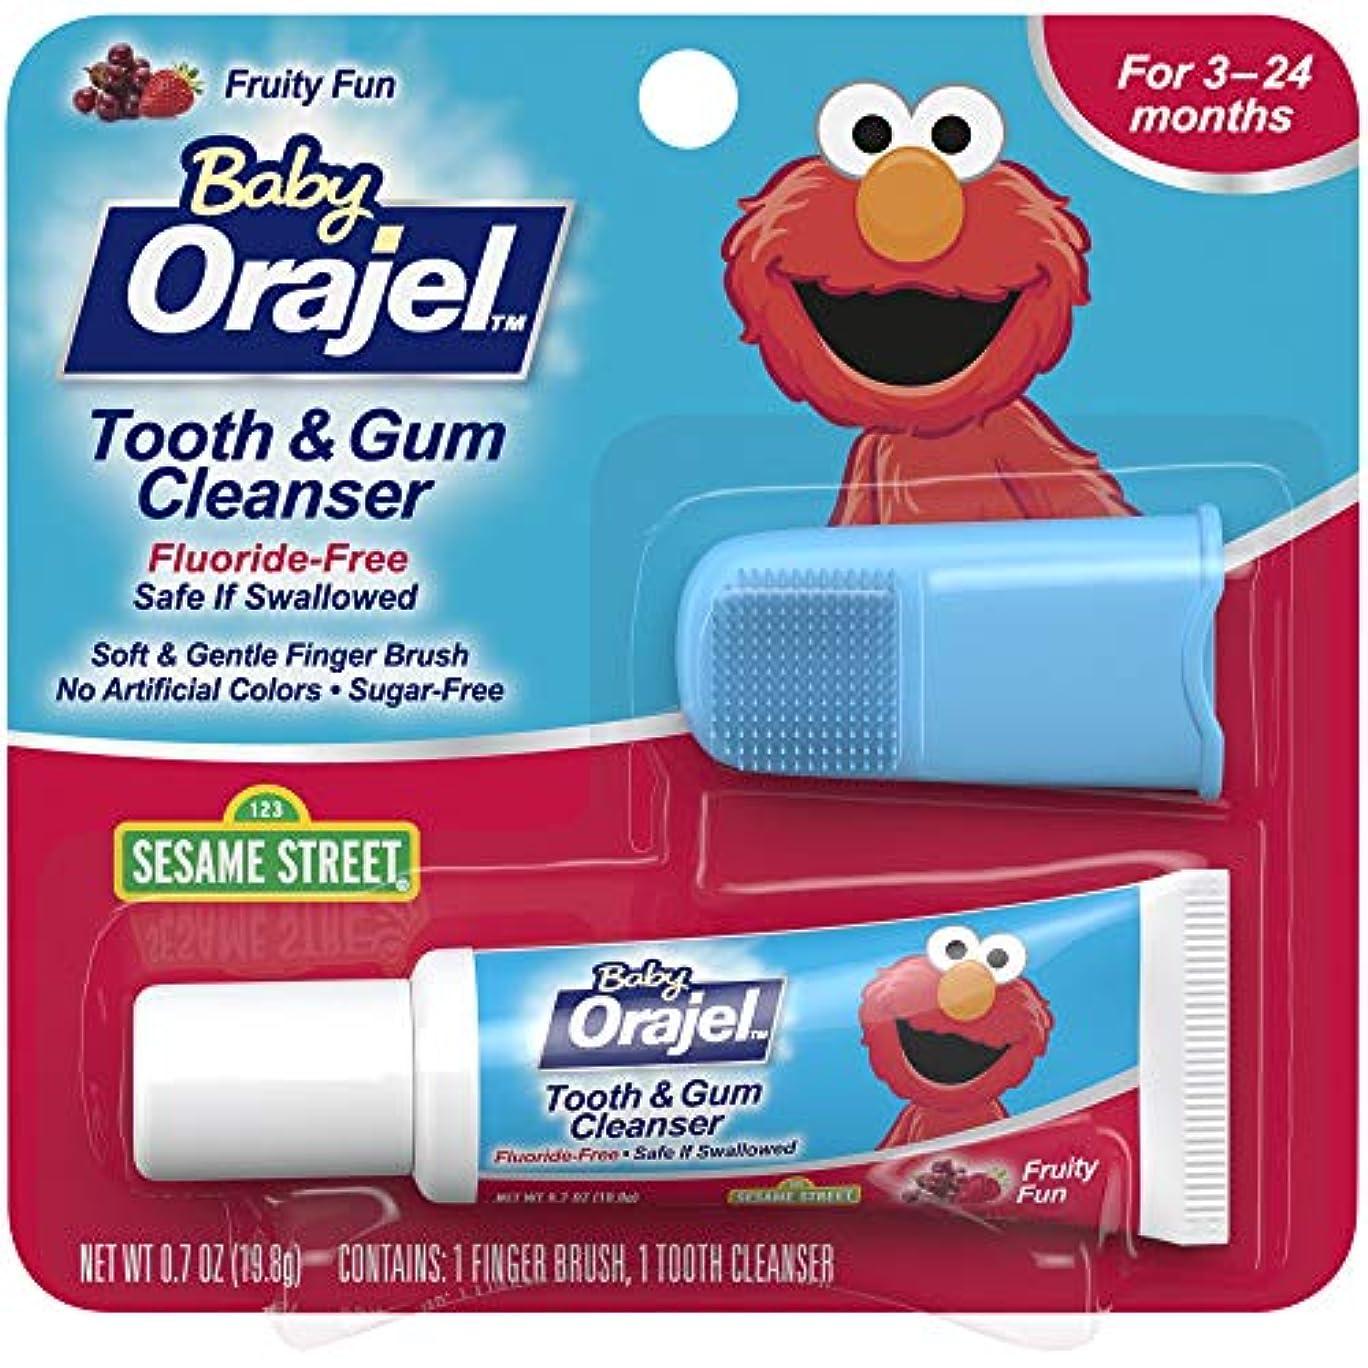 落ちた資源雲海外直送肘 Baby Orajel Tooth Gum Cleanser Mixed Fruit, Mixed Fruit 0.7 oz